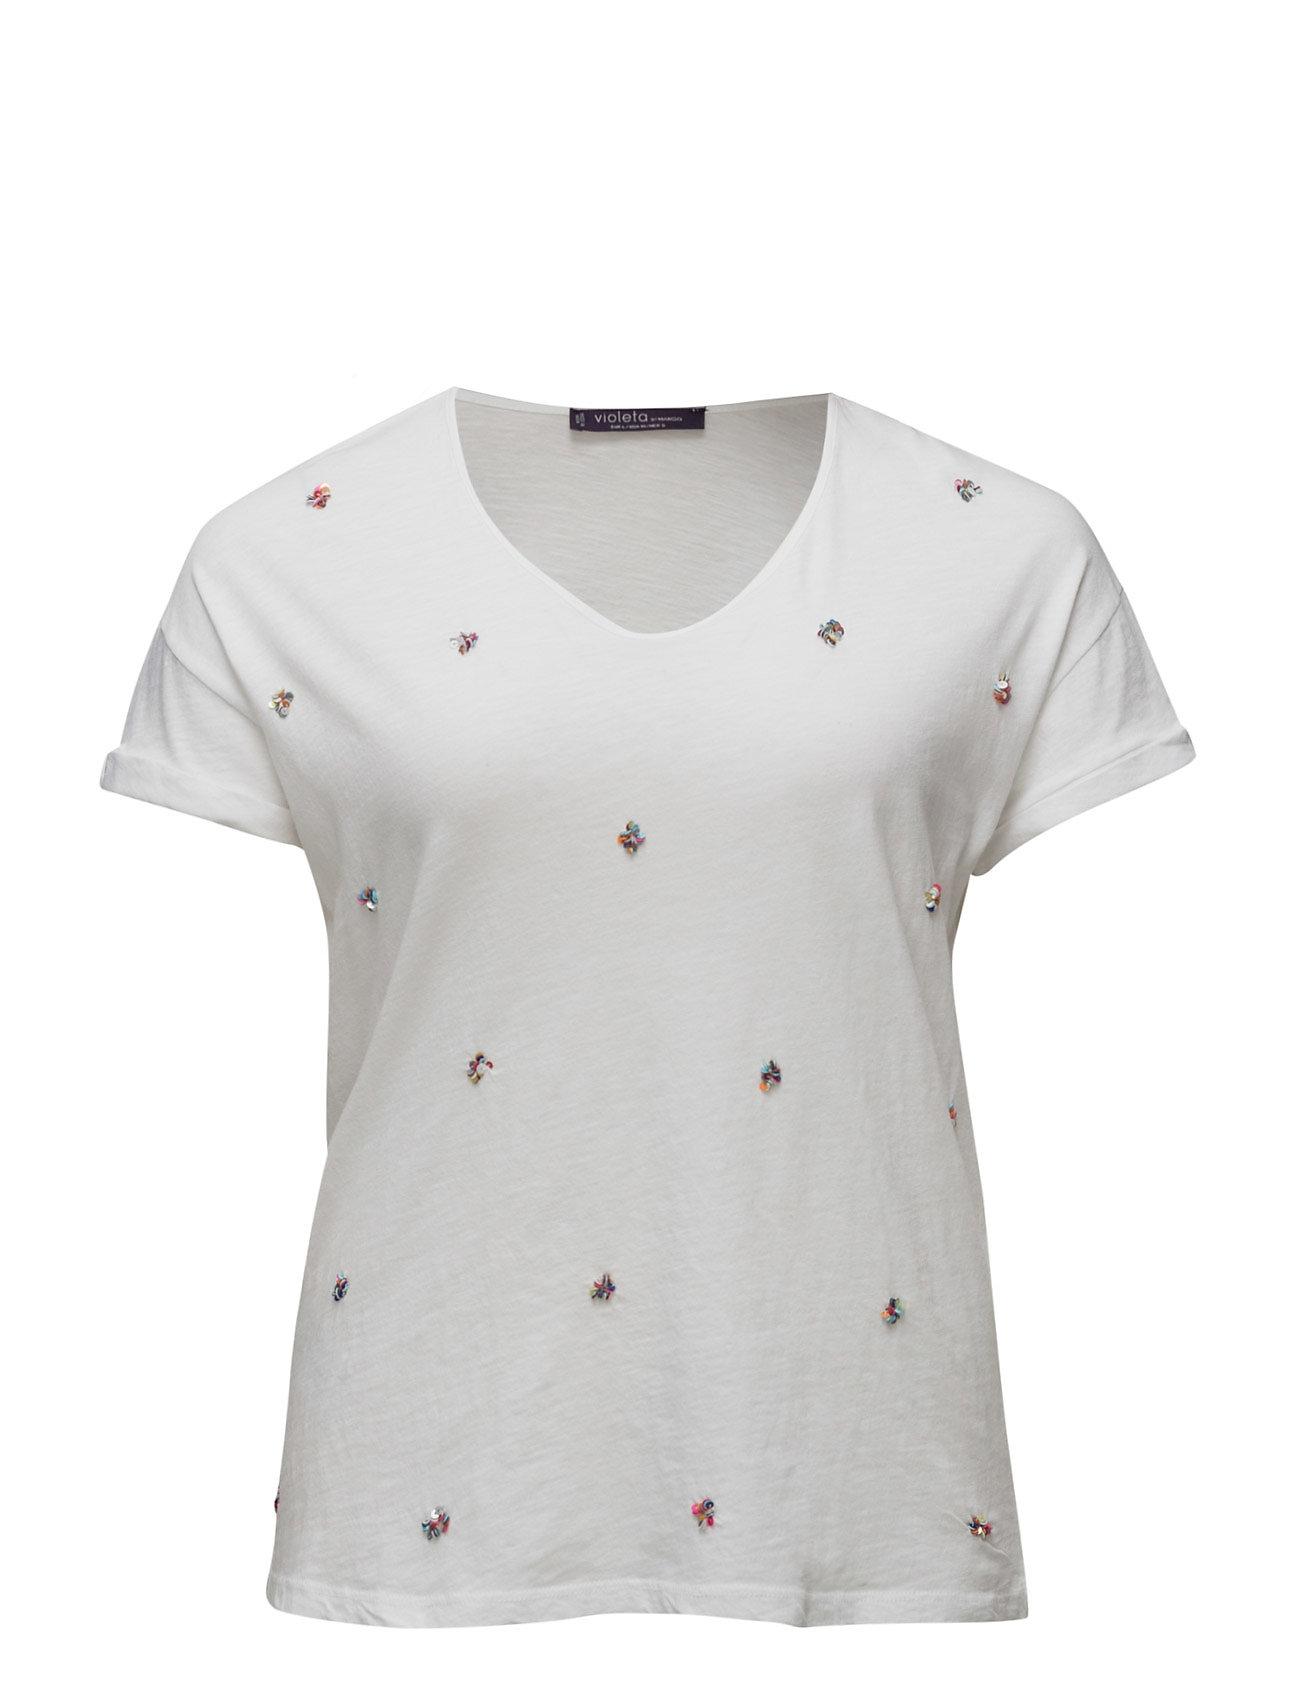 Sequin Flecked T-Shirt Violeta by Mango Kortærmede til Damer i